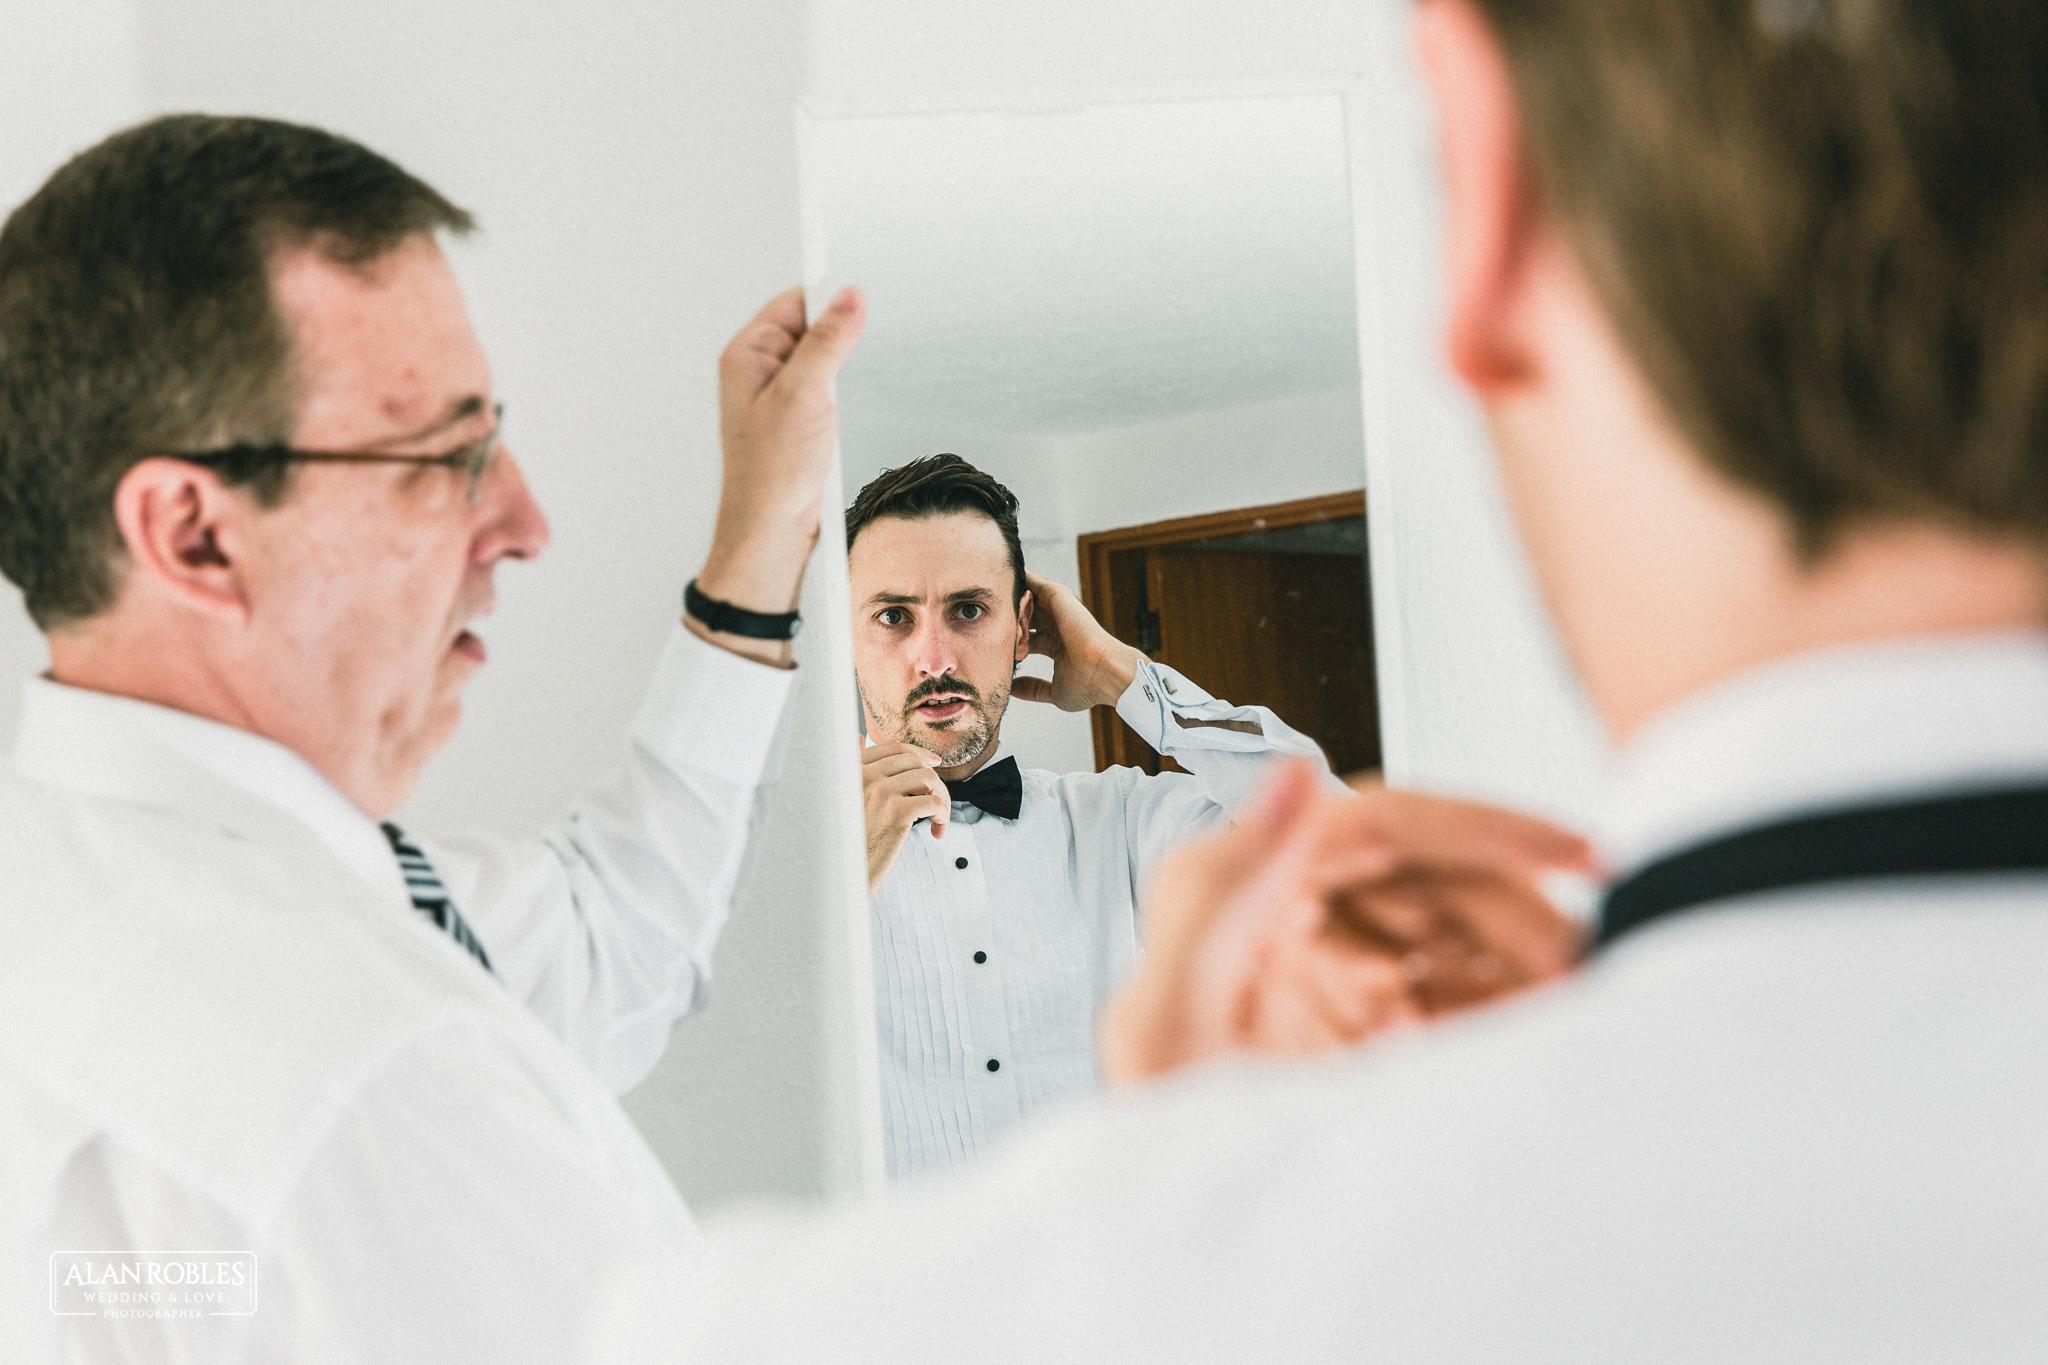 Novio en Getting Ready para su boda. El mejor fotografo de bodas en Guadalajara Alan Robles Wedding Photographer.